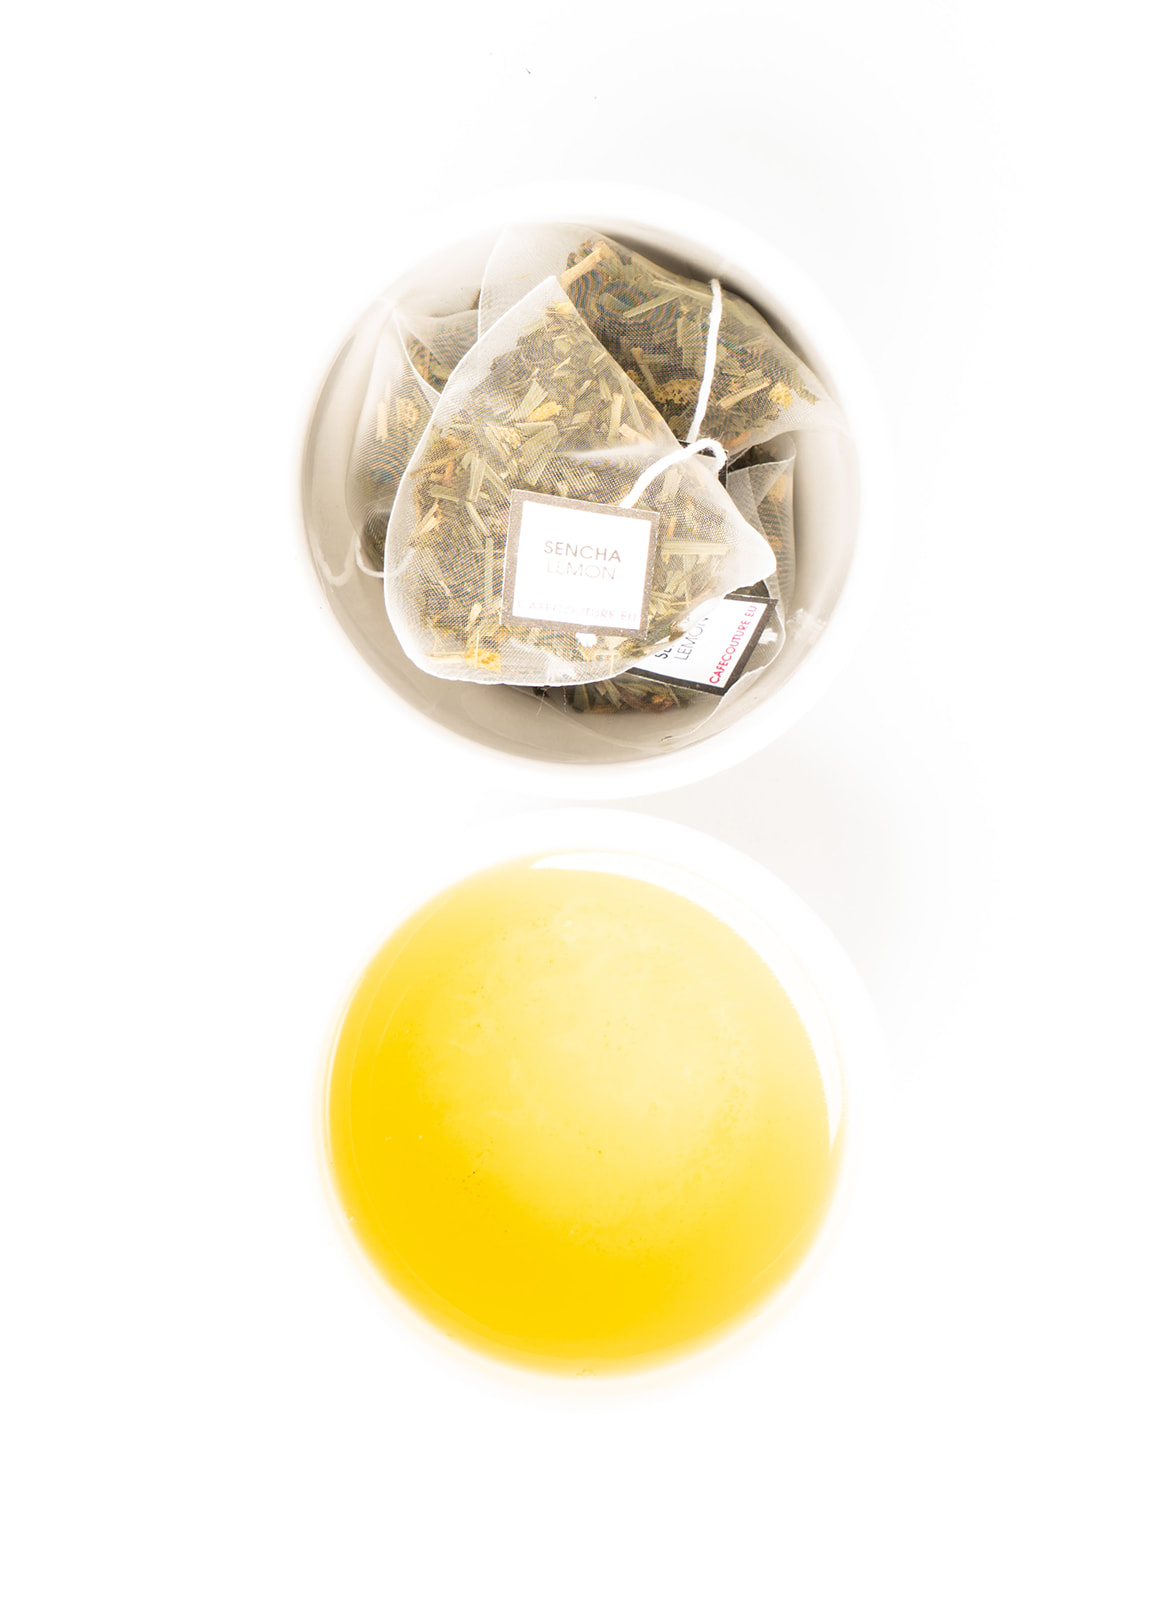 Groen | Sencha Lemon